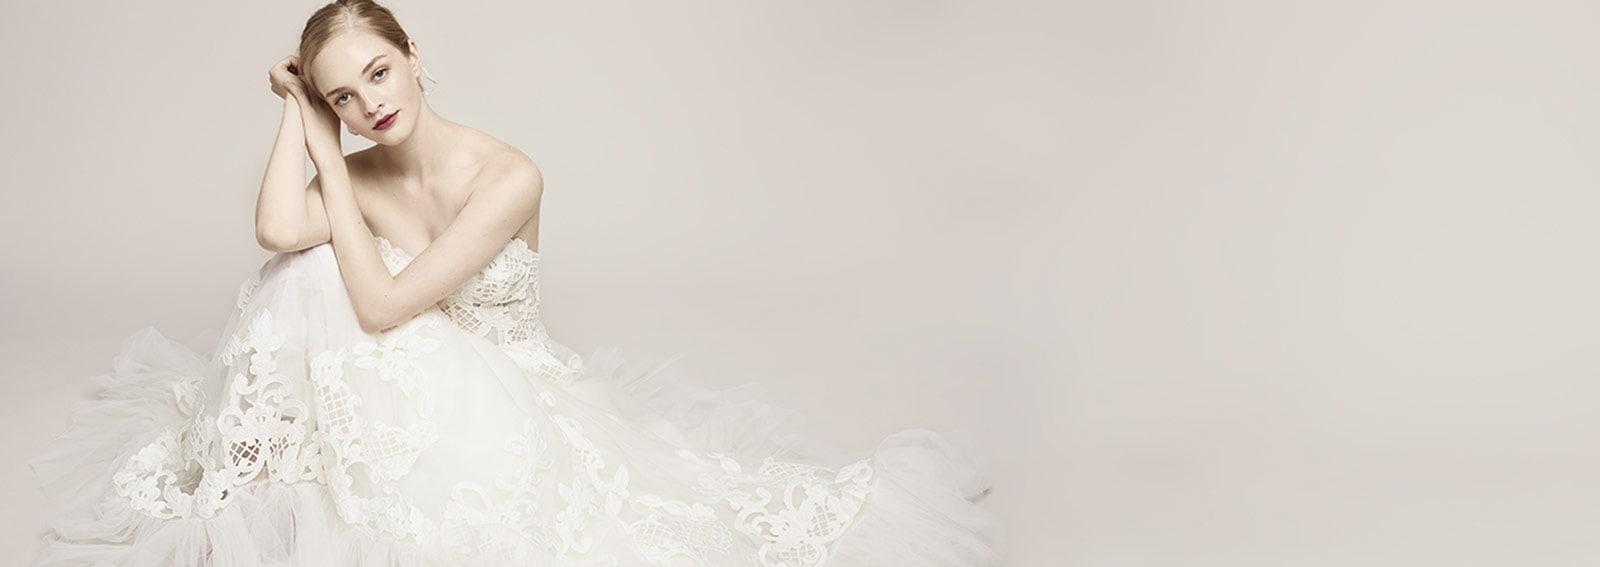 COVER-lela-rose-bridal-sposa-2019-DESKTOP